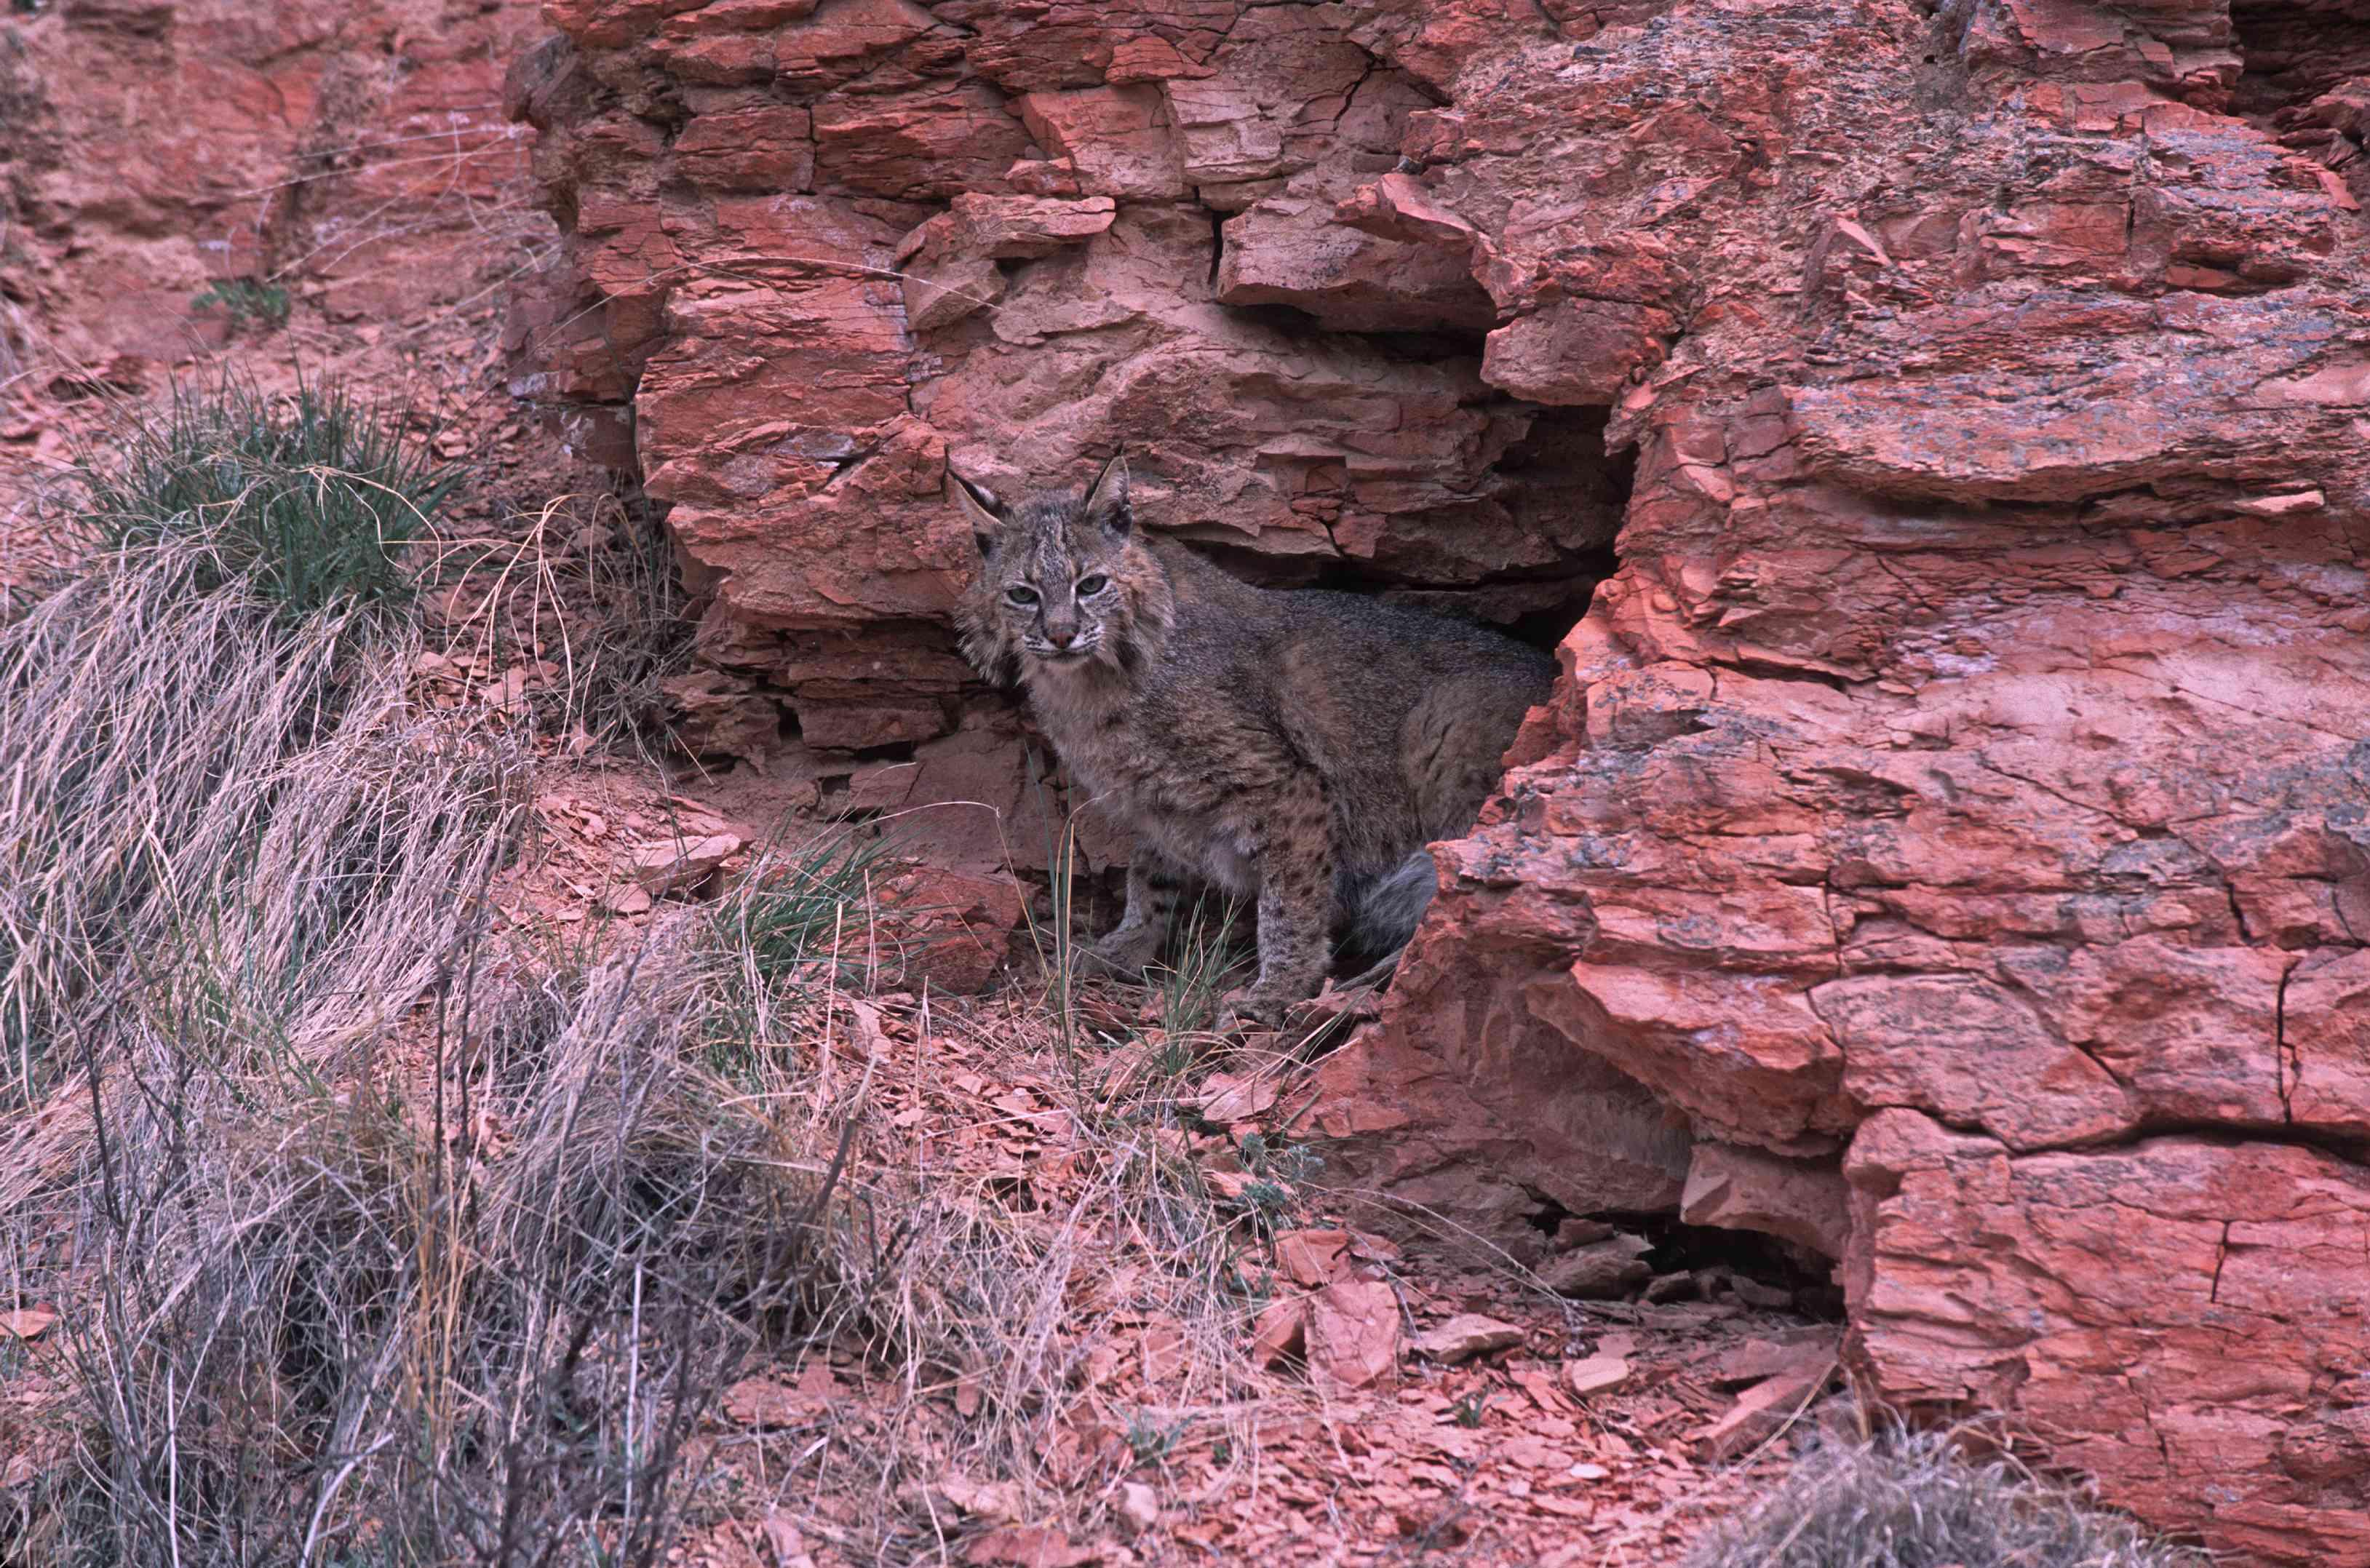 Bobcat at her red rock den